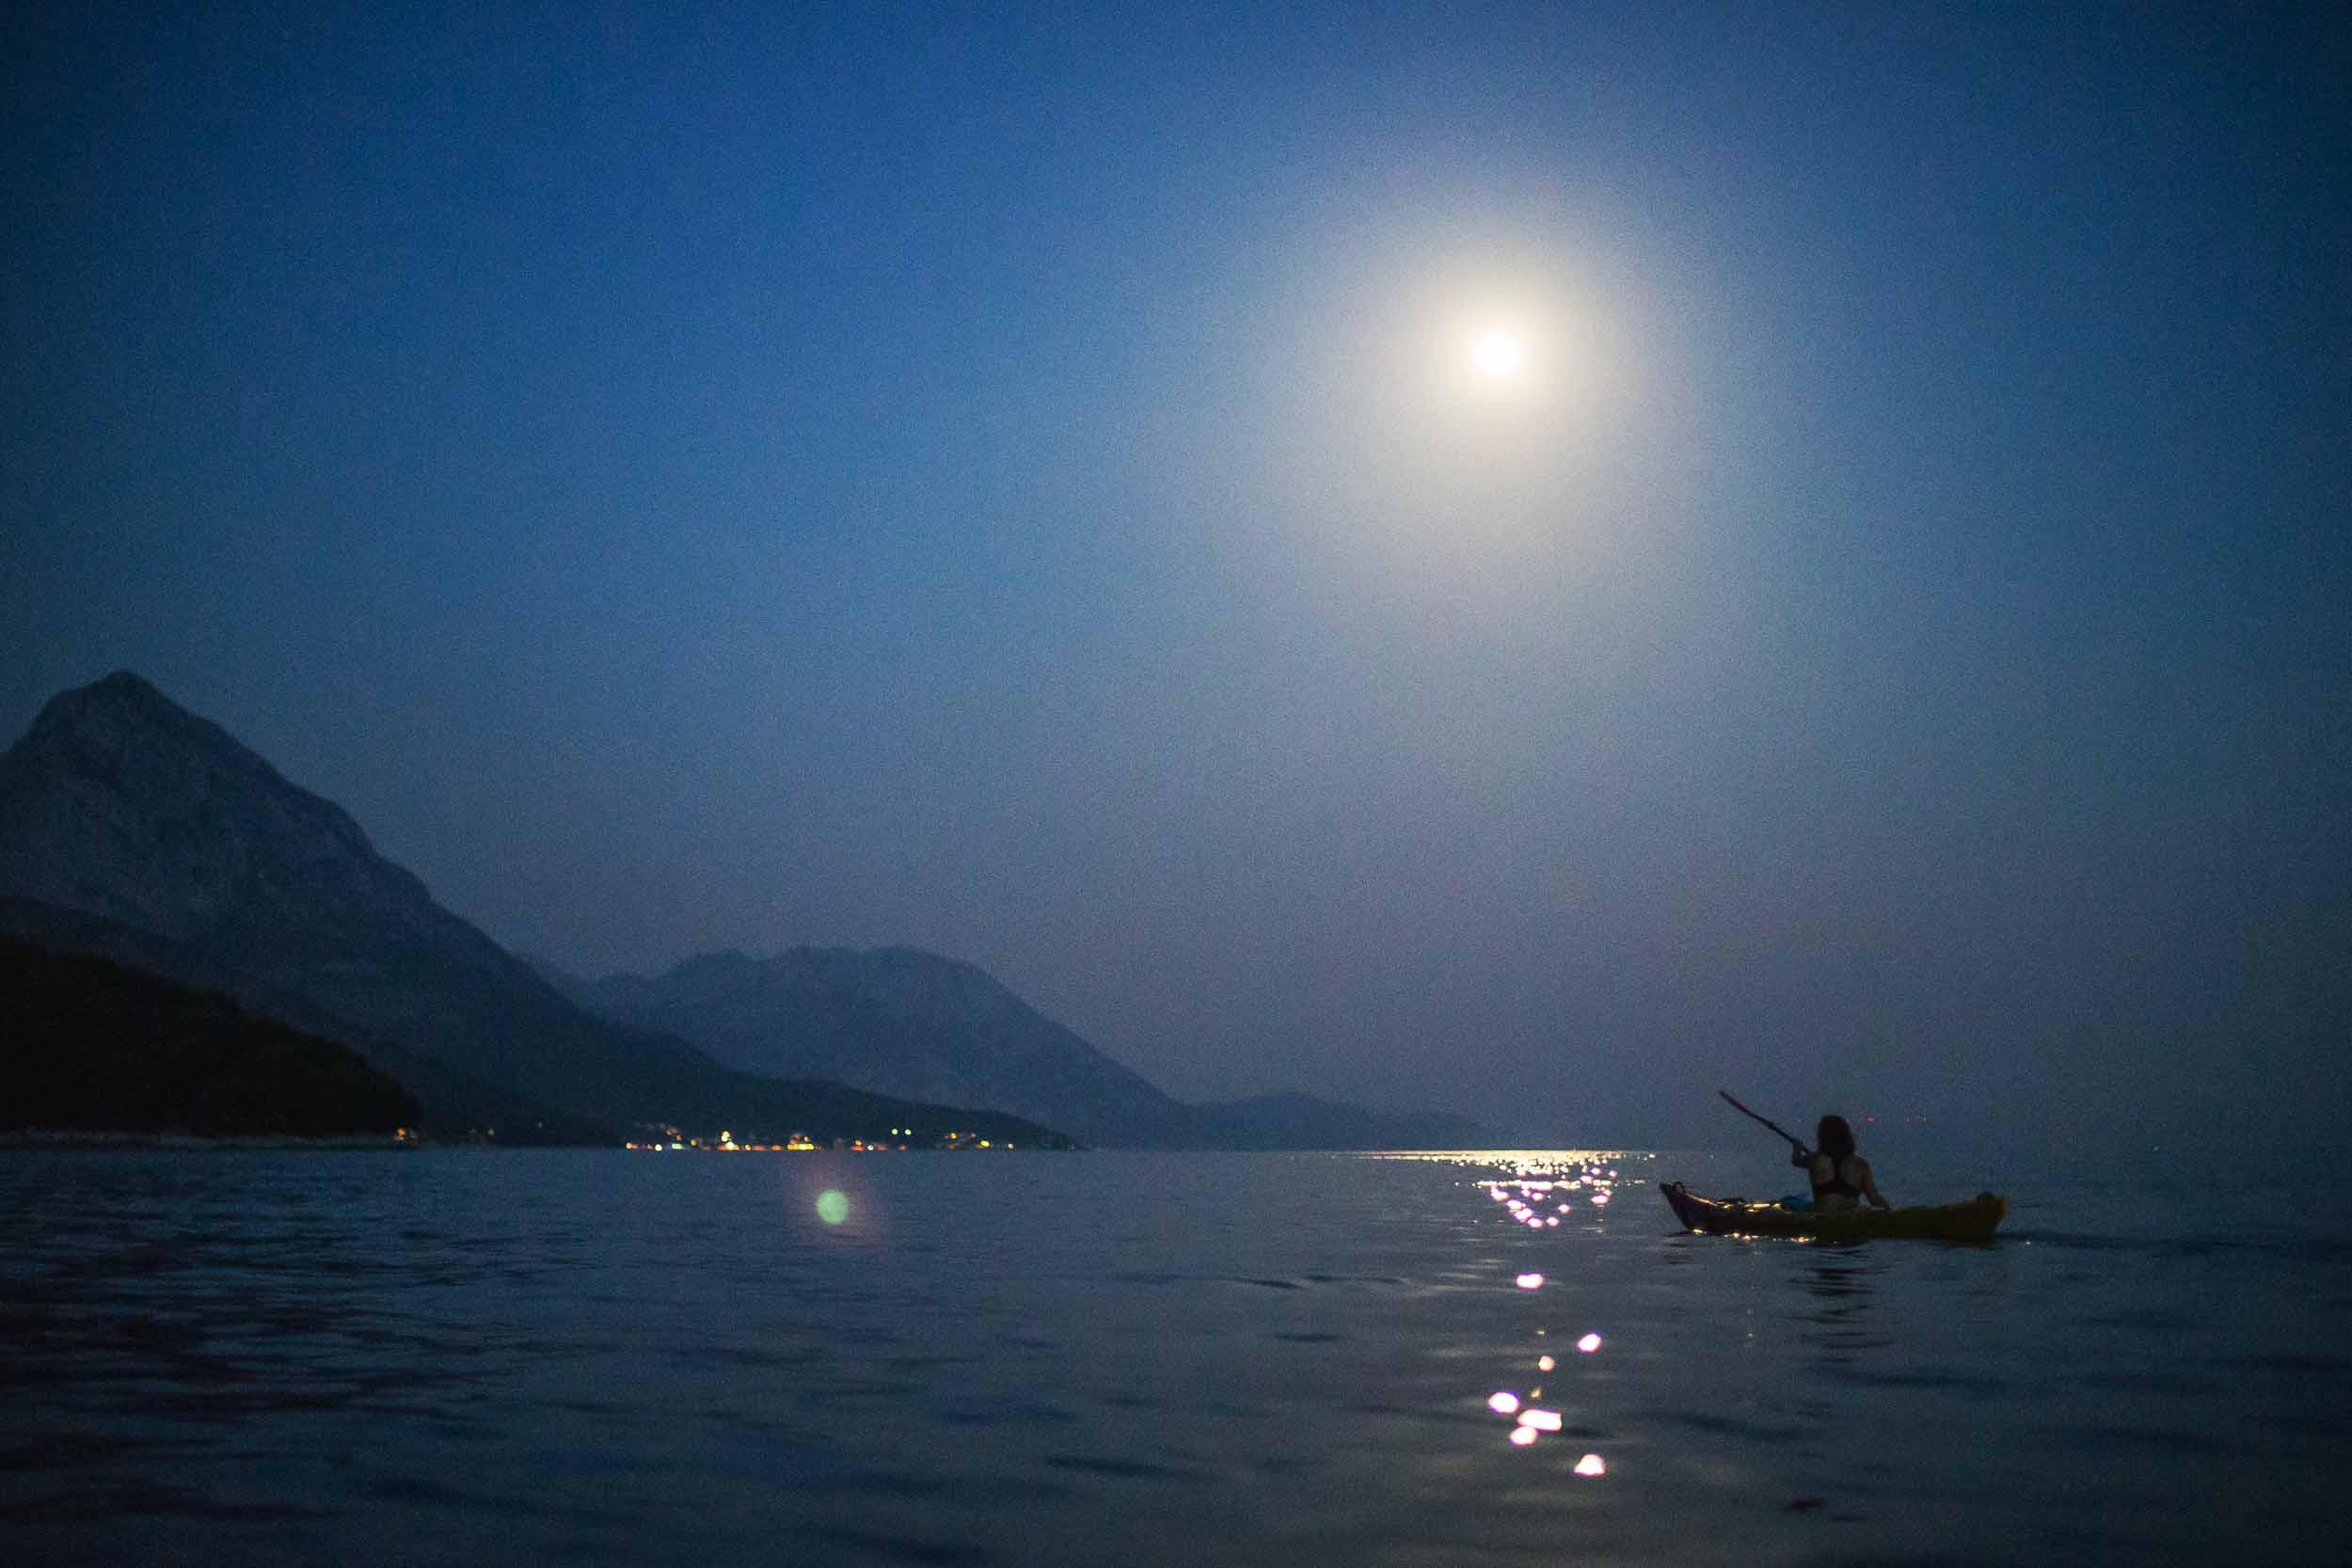 Night_kayaking03 Frais De Aquarium Design Pas Cher Conception